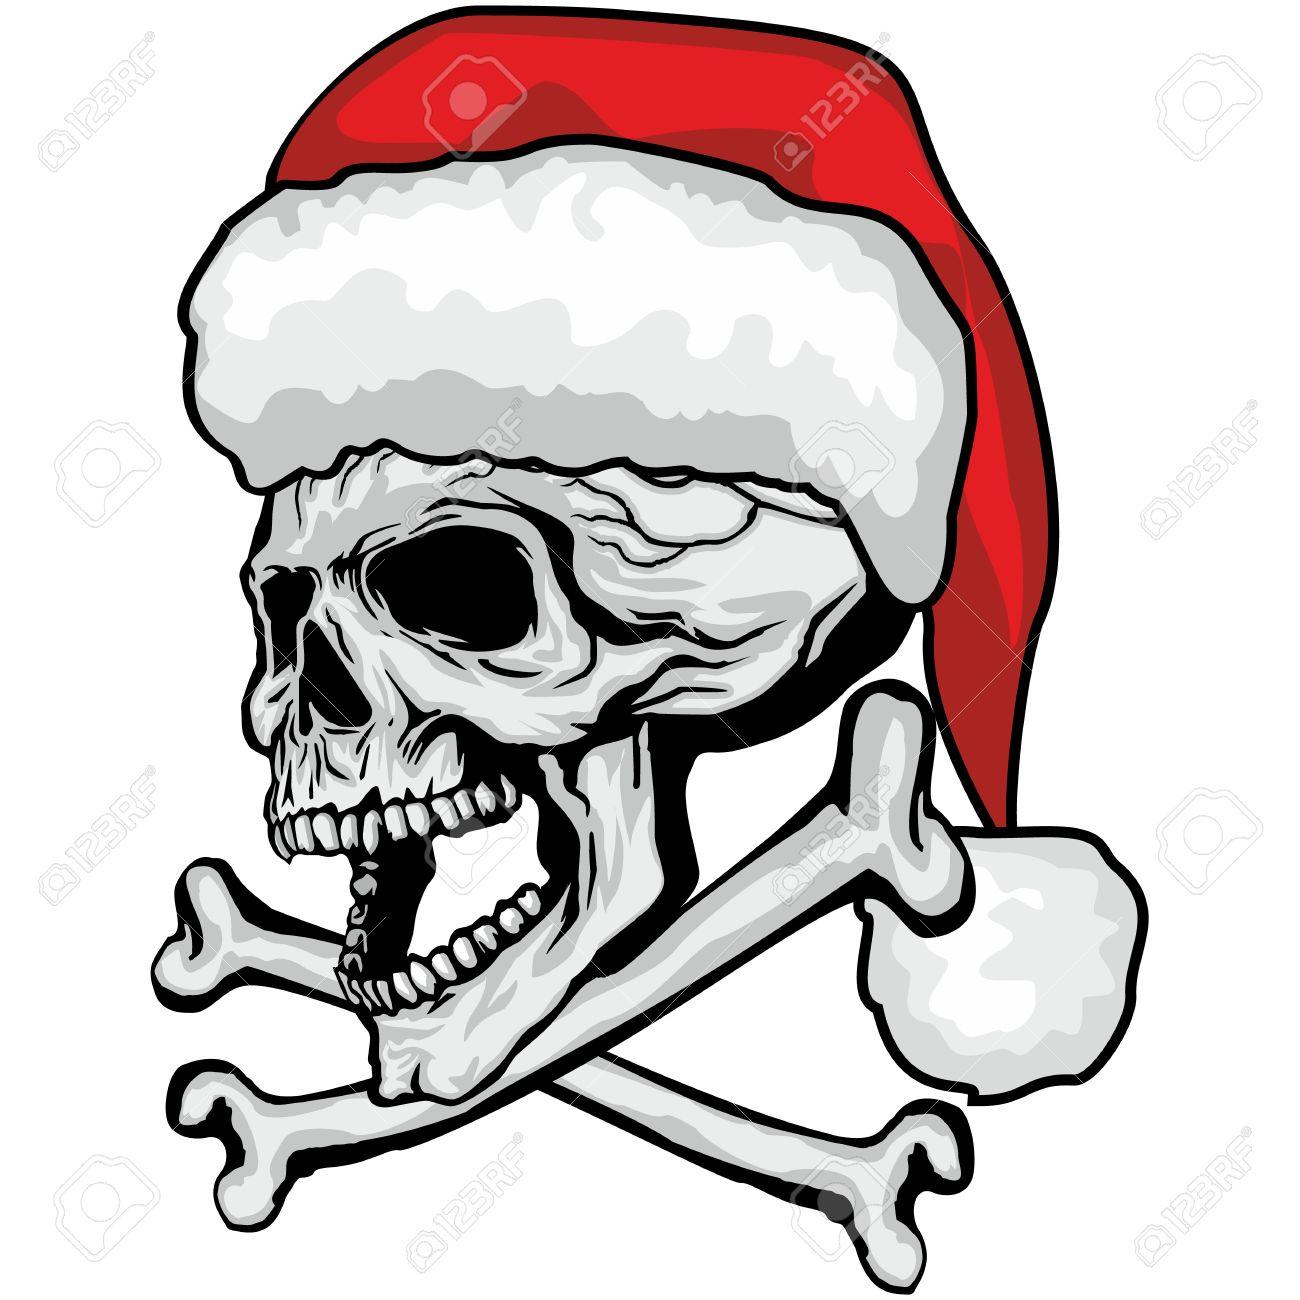 Weihnachten Schädel-grunge.vintage Entwurf T-shirts Lizenzfrei ...